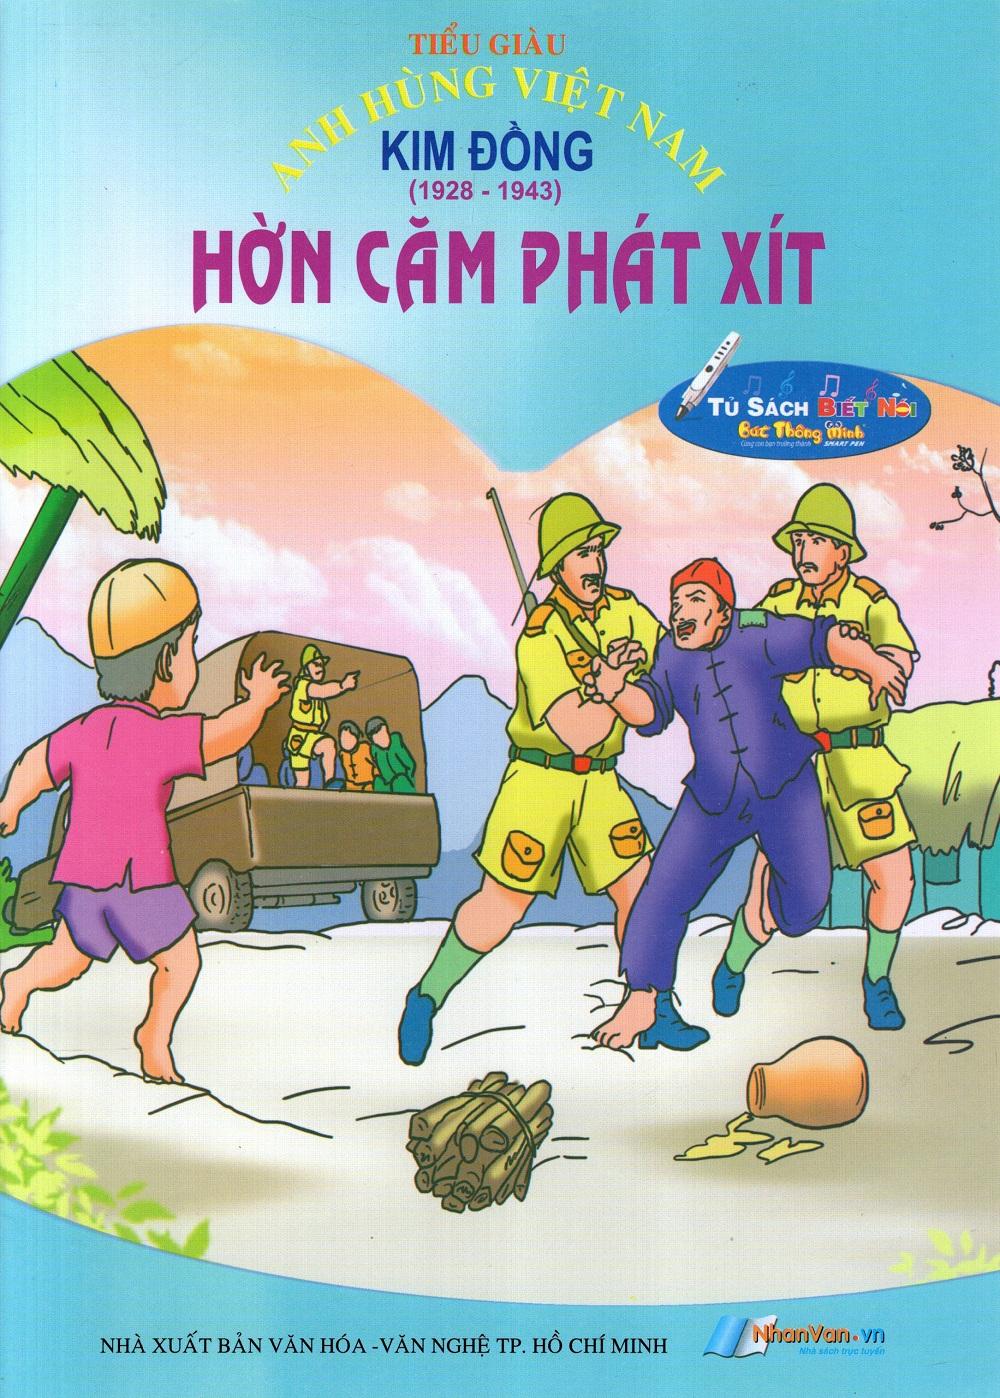 Bìa sách Anh Hùng Việt Nam: Kim Đồng - Hờn Căm Phát Xít